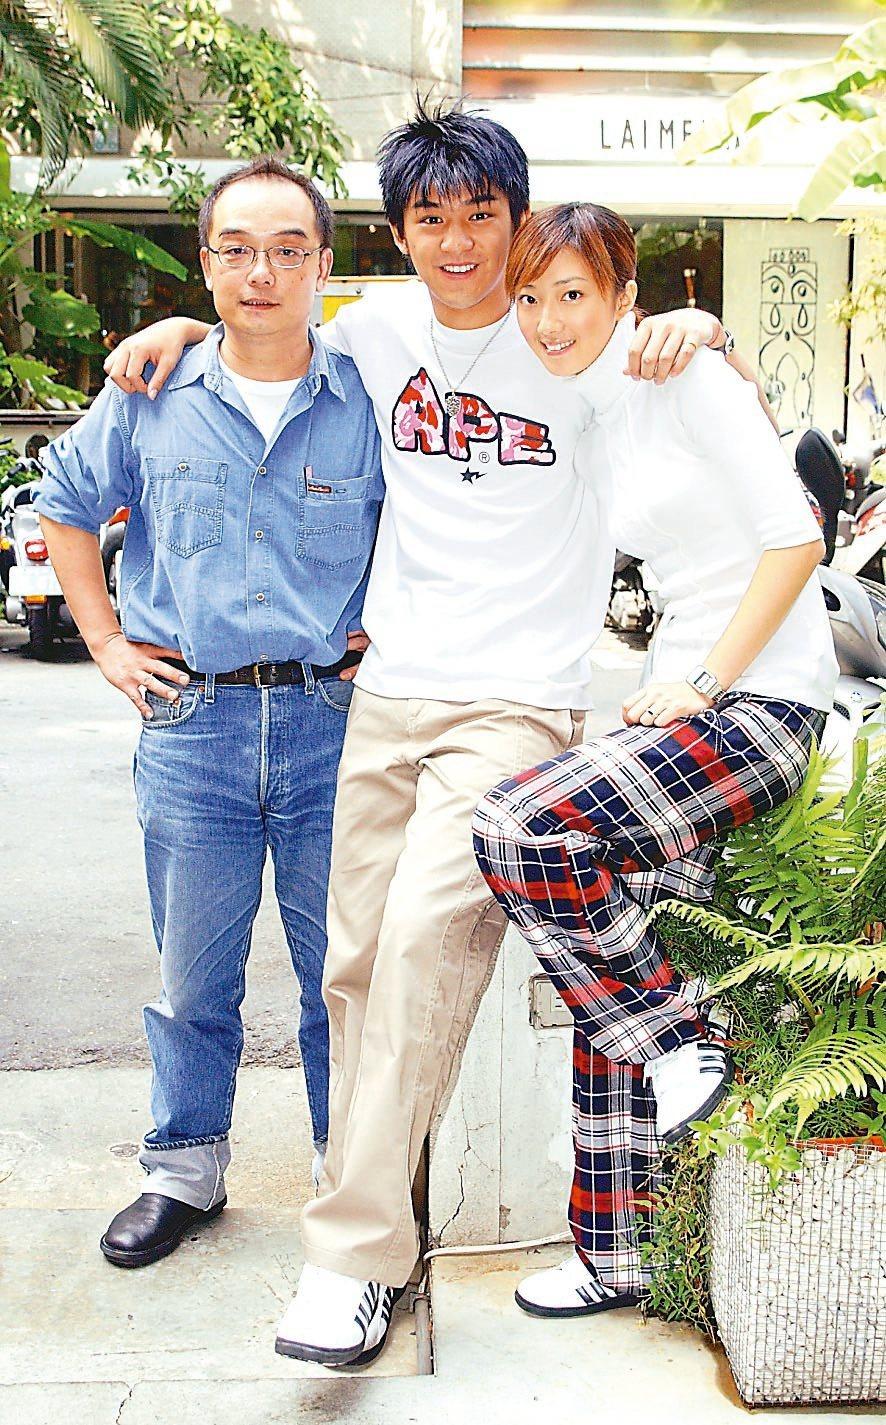 導演易智言(左)拍「藍色大門」讓陳柏霖、桂綸鎂結緣。圖/本報資料照